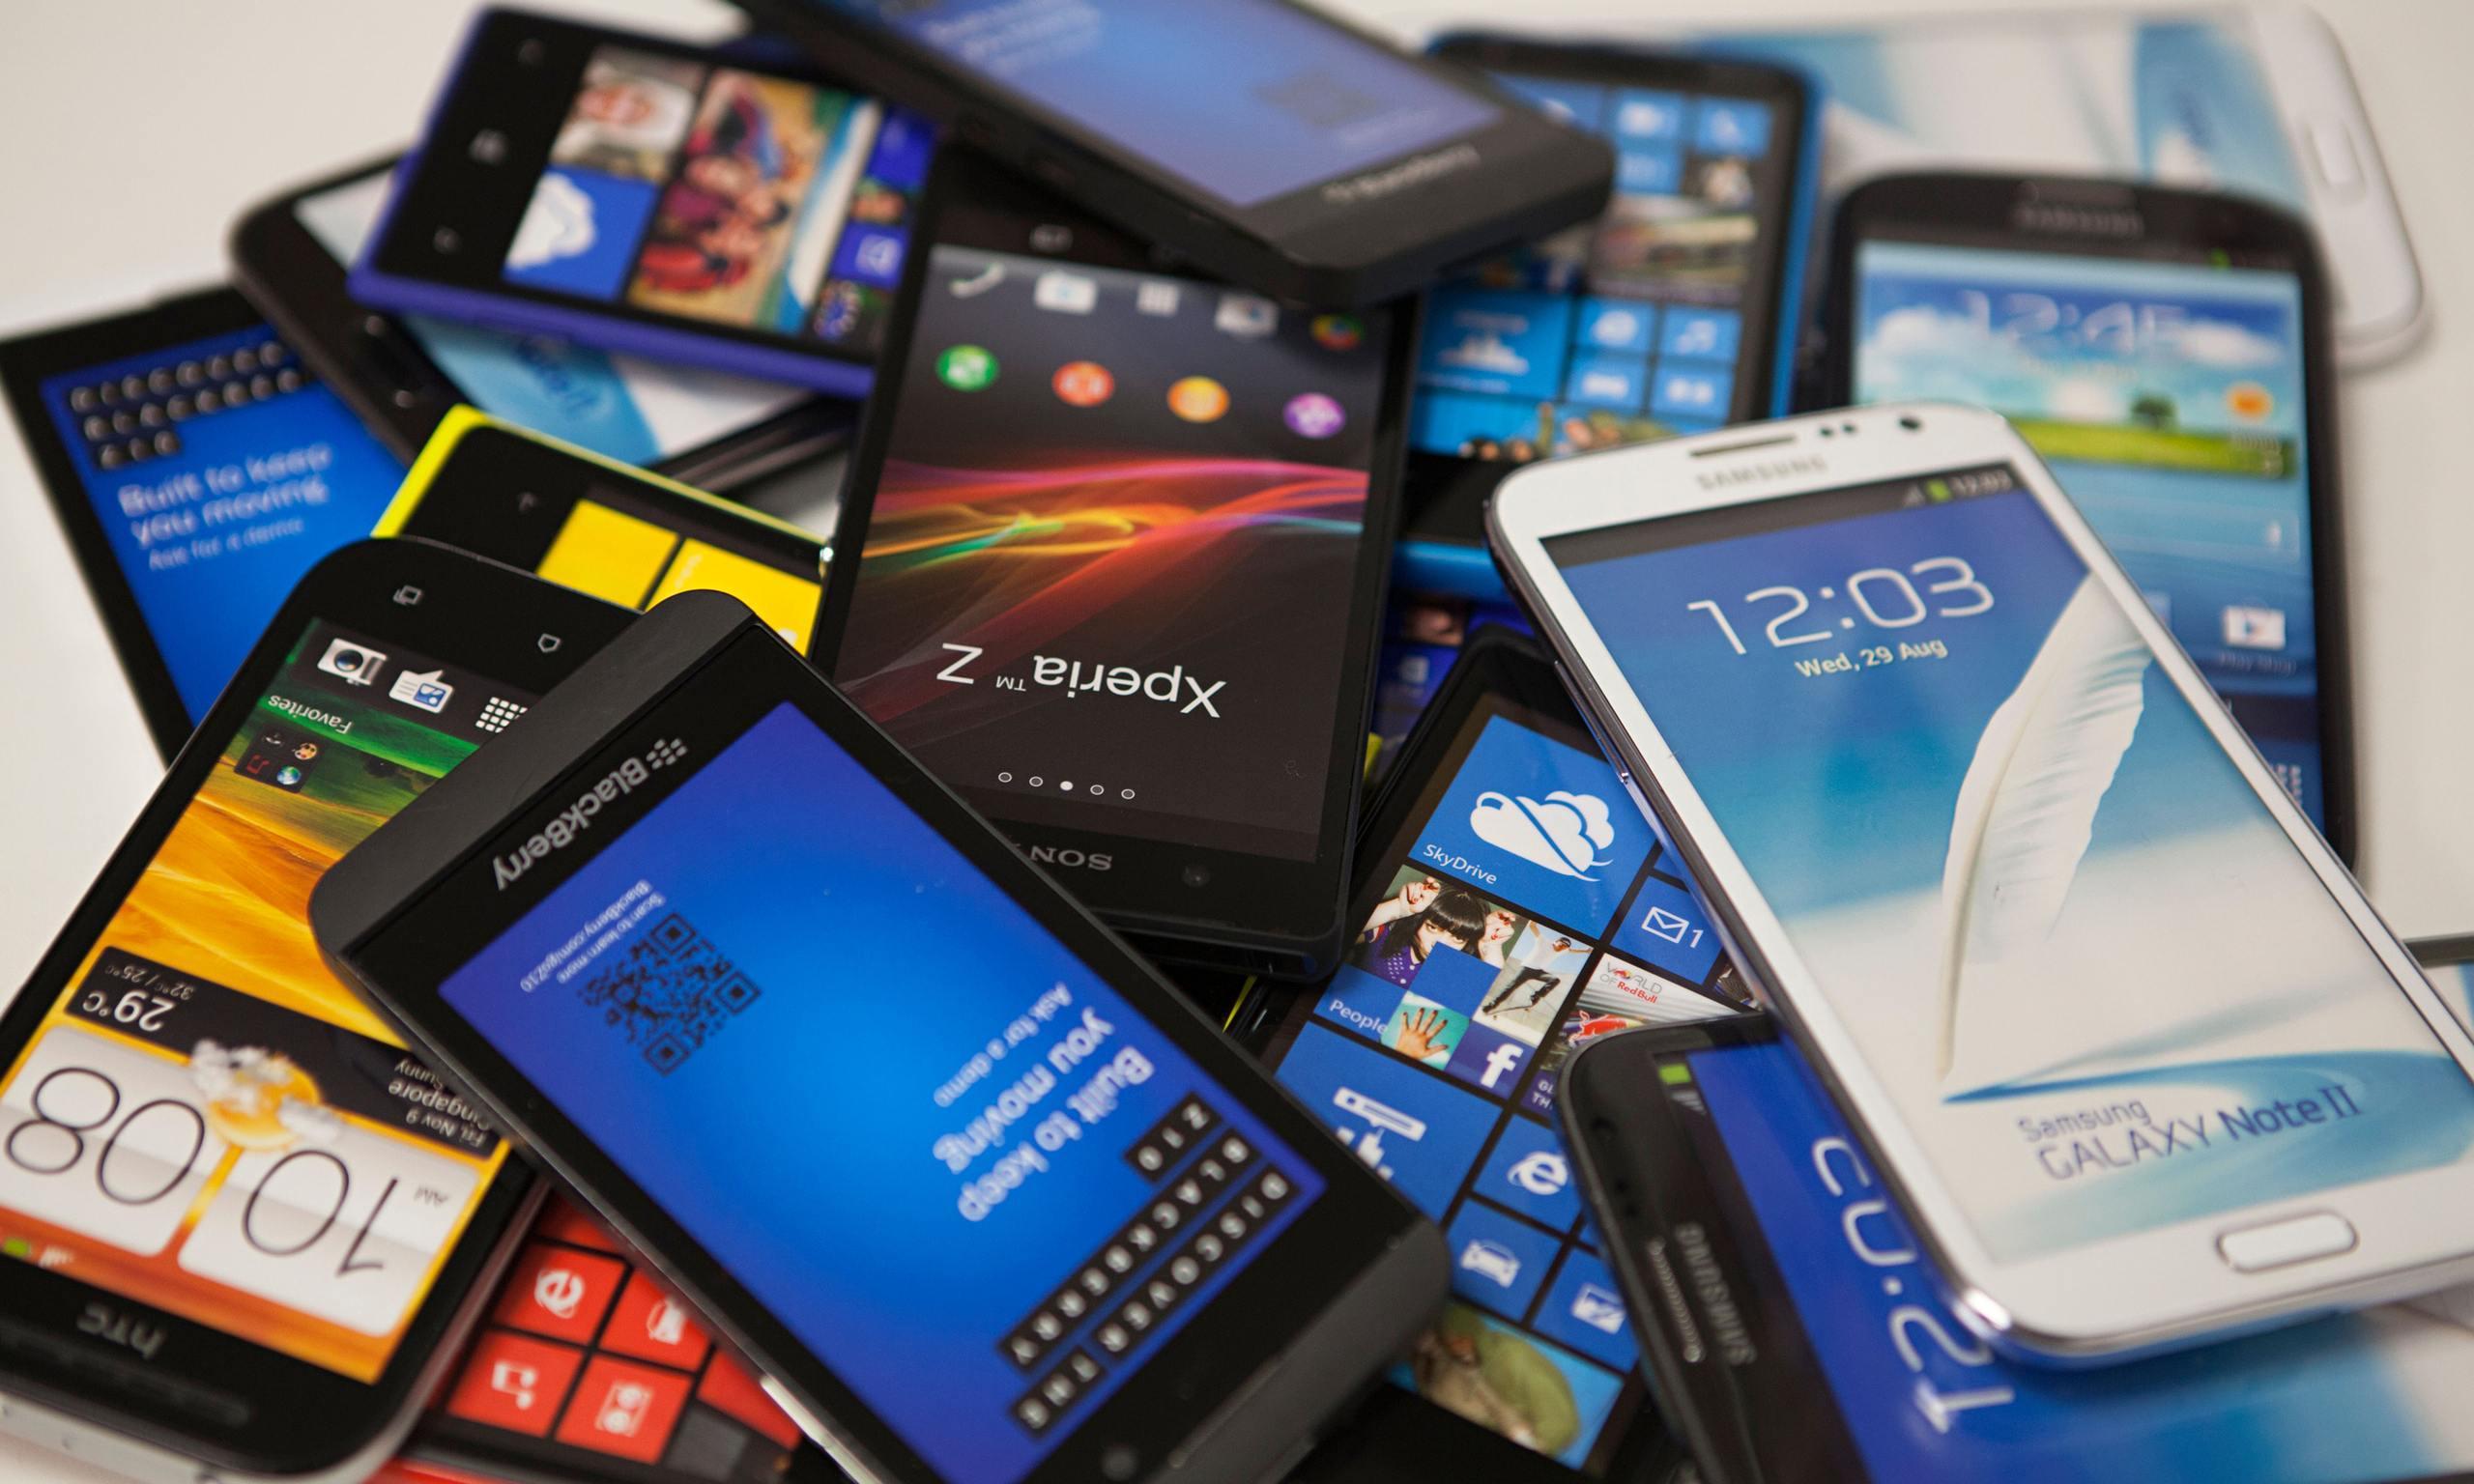 8 marcas de smartphones mas vendias en Mexico